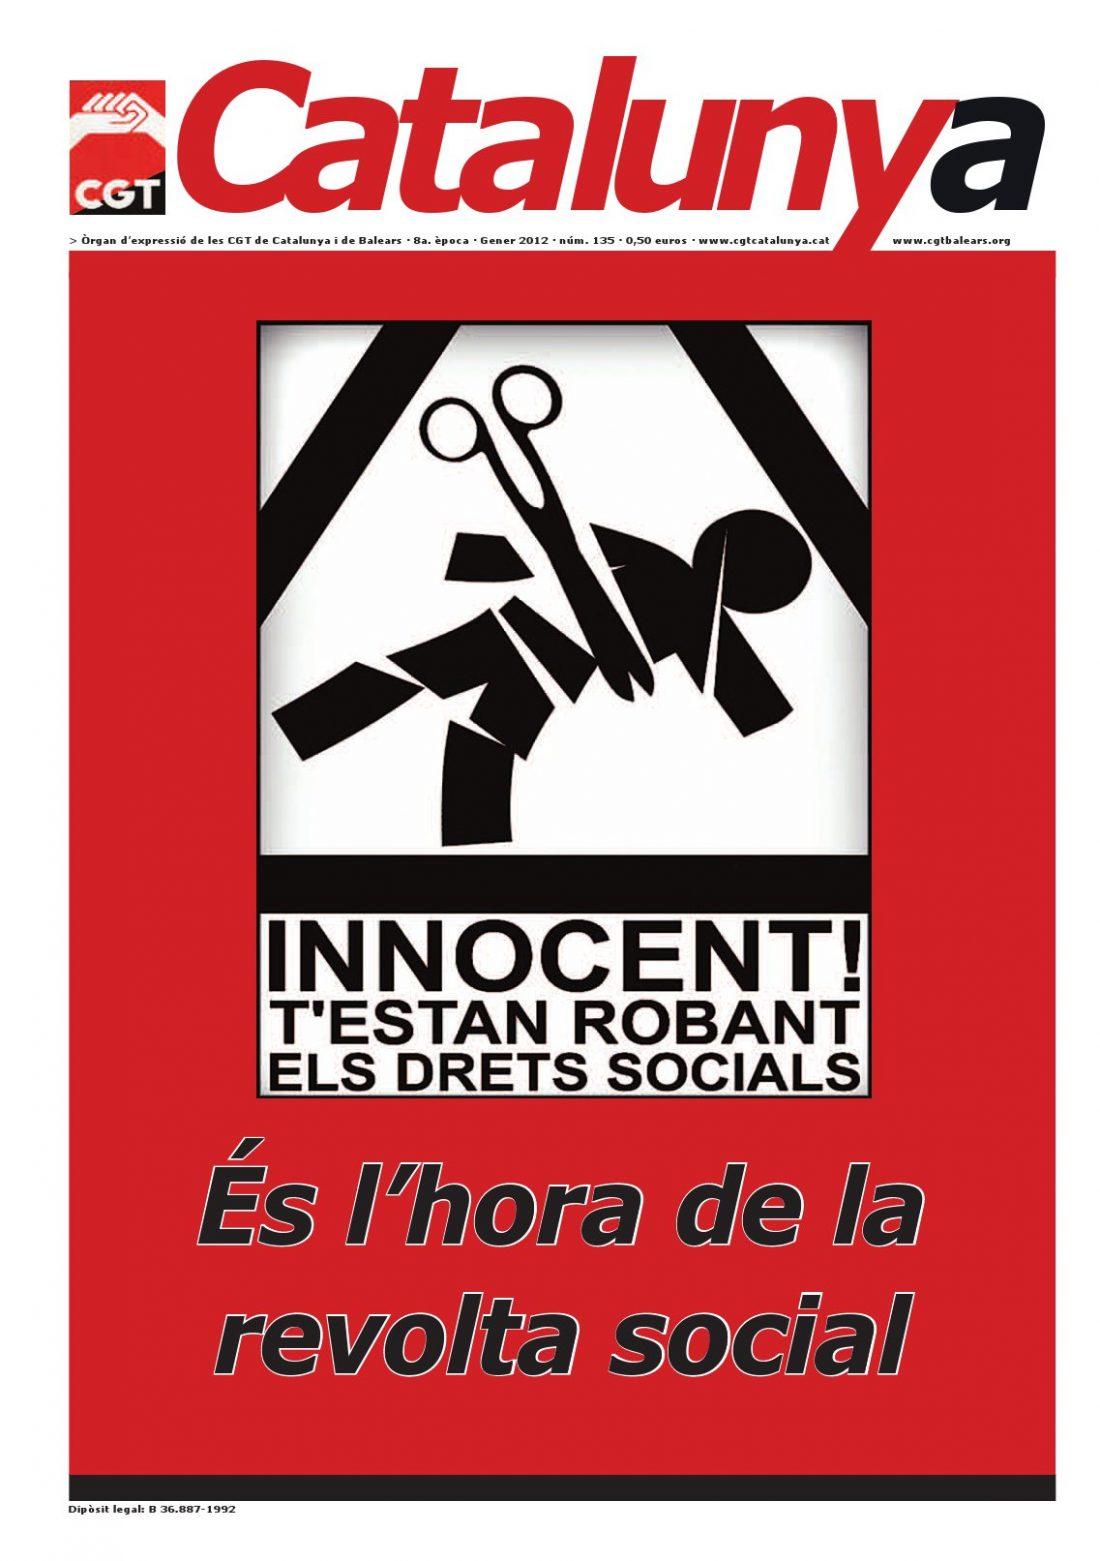 Catalunya núm. 135 – Enero 2012